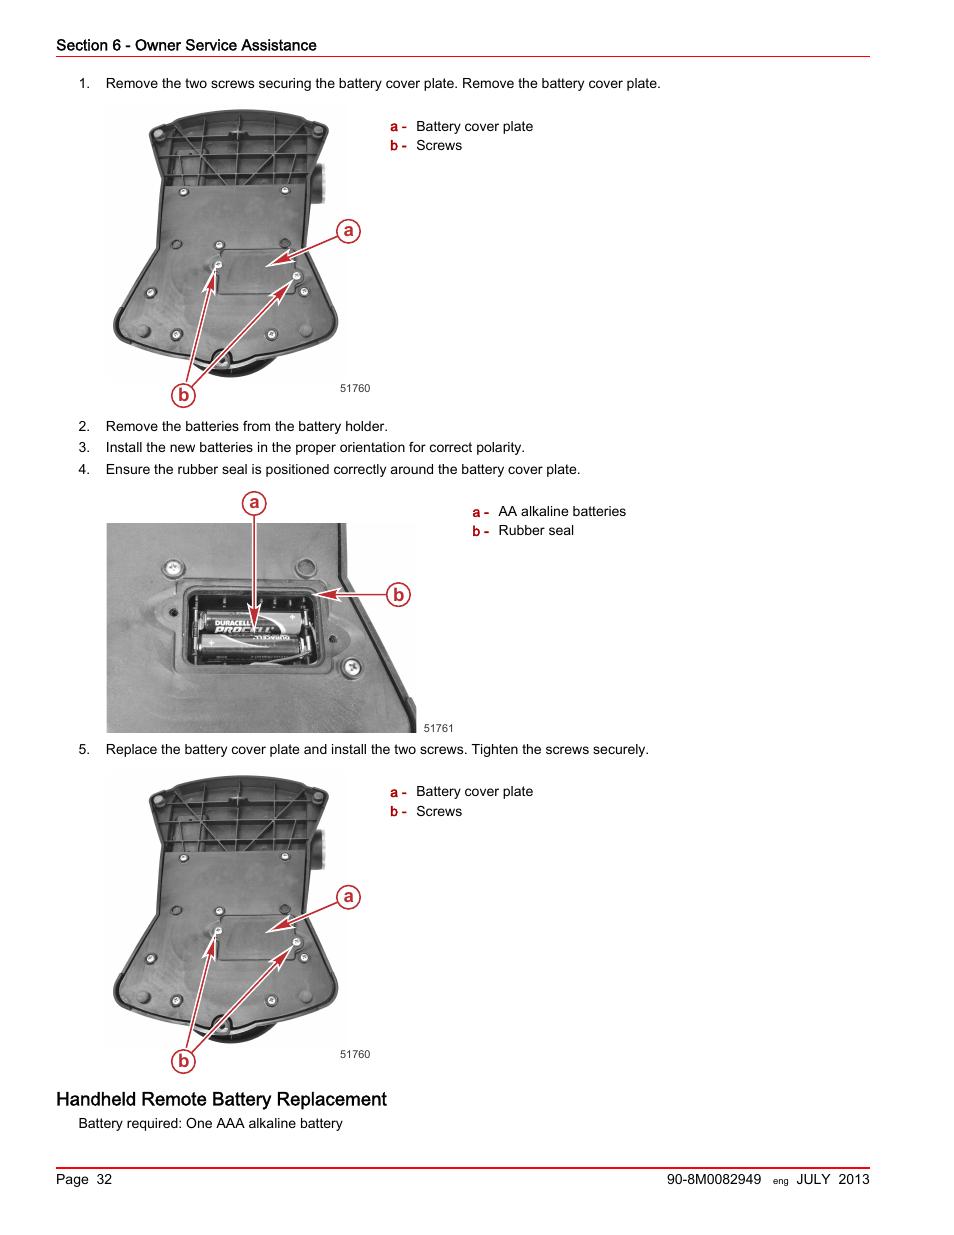 motorguide trolling motor wiring diagrams motorguide brute